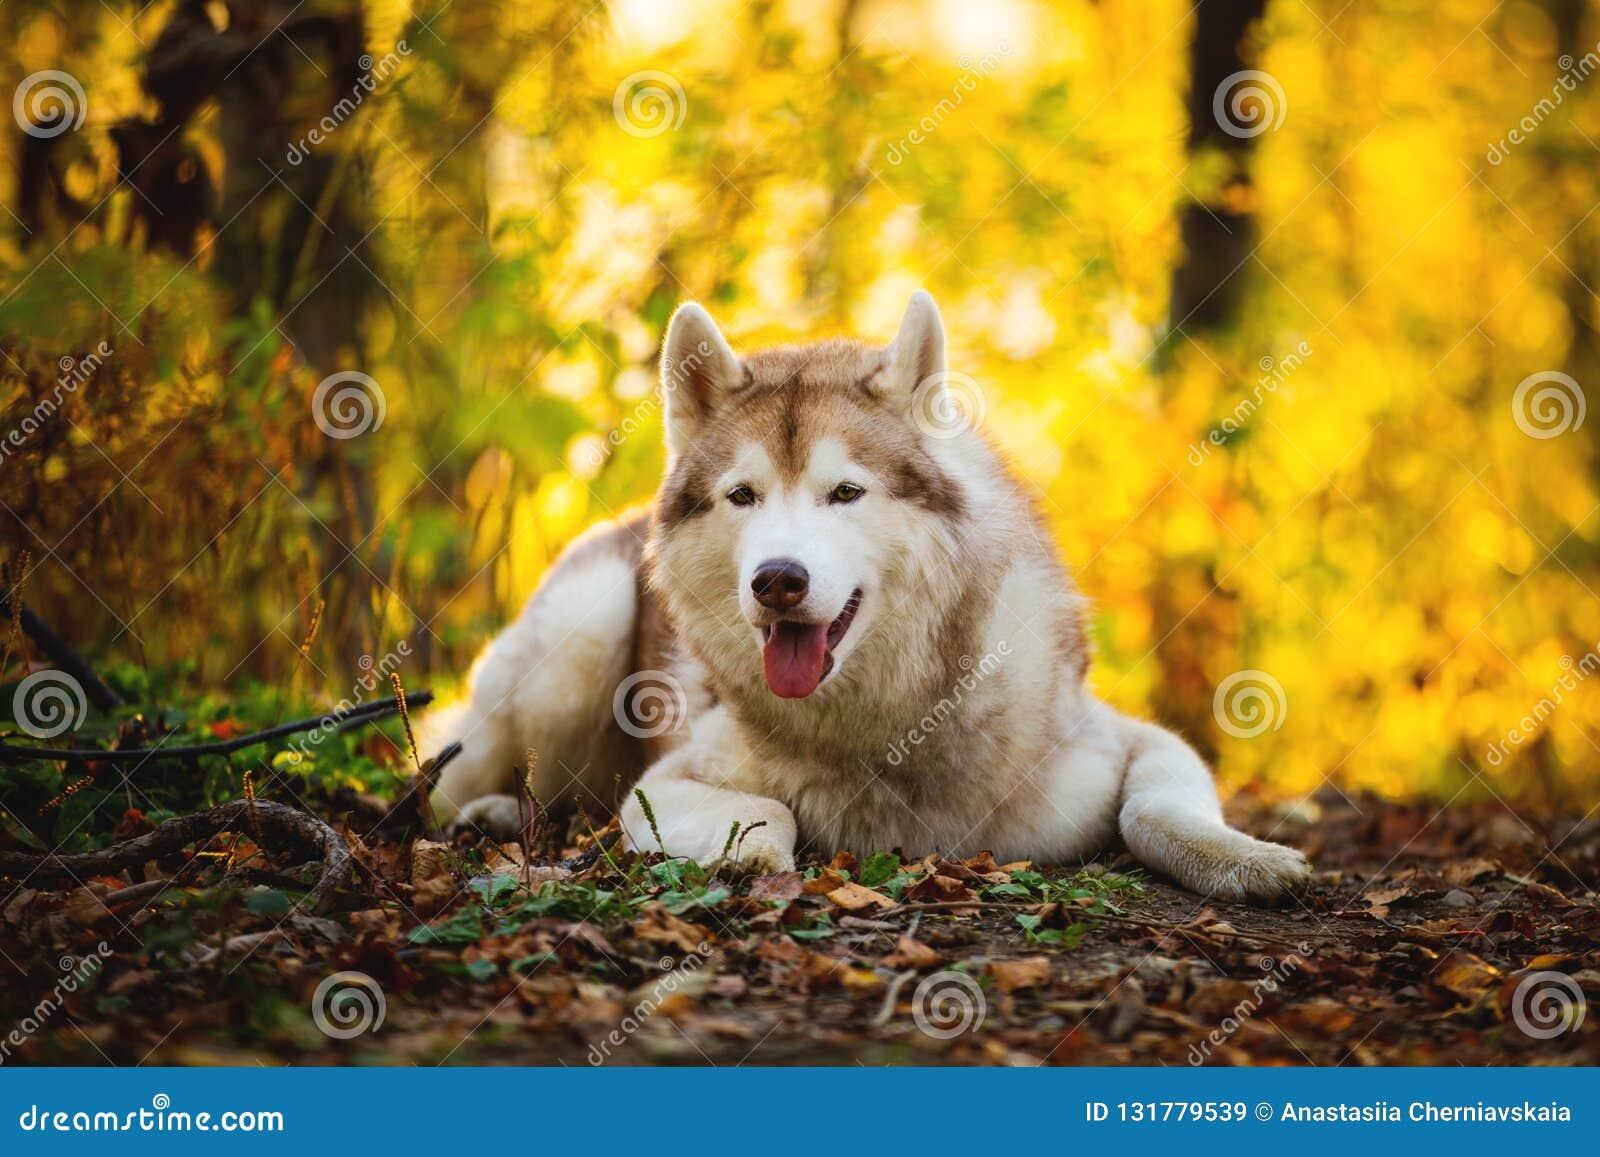 Portrait du chien enroué sibérien beige magnifique et libre se situant dans la forêt lumineuse de chute et regardant à la caméra